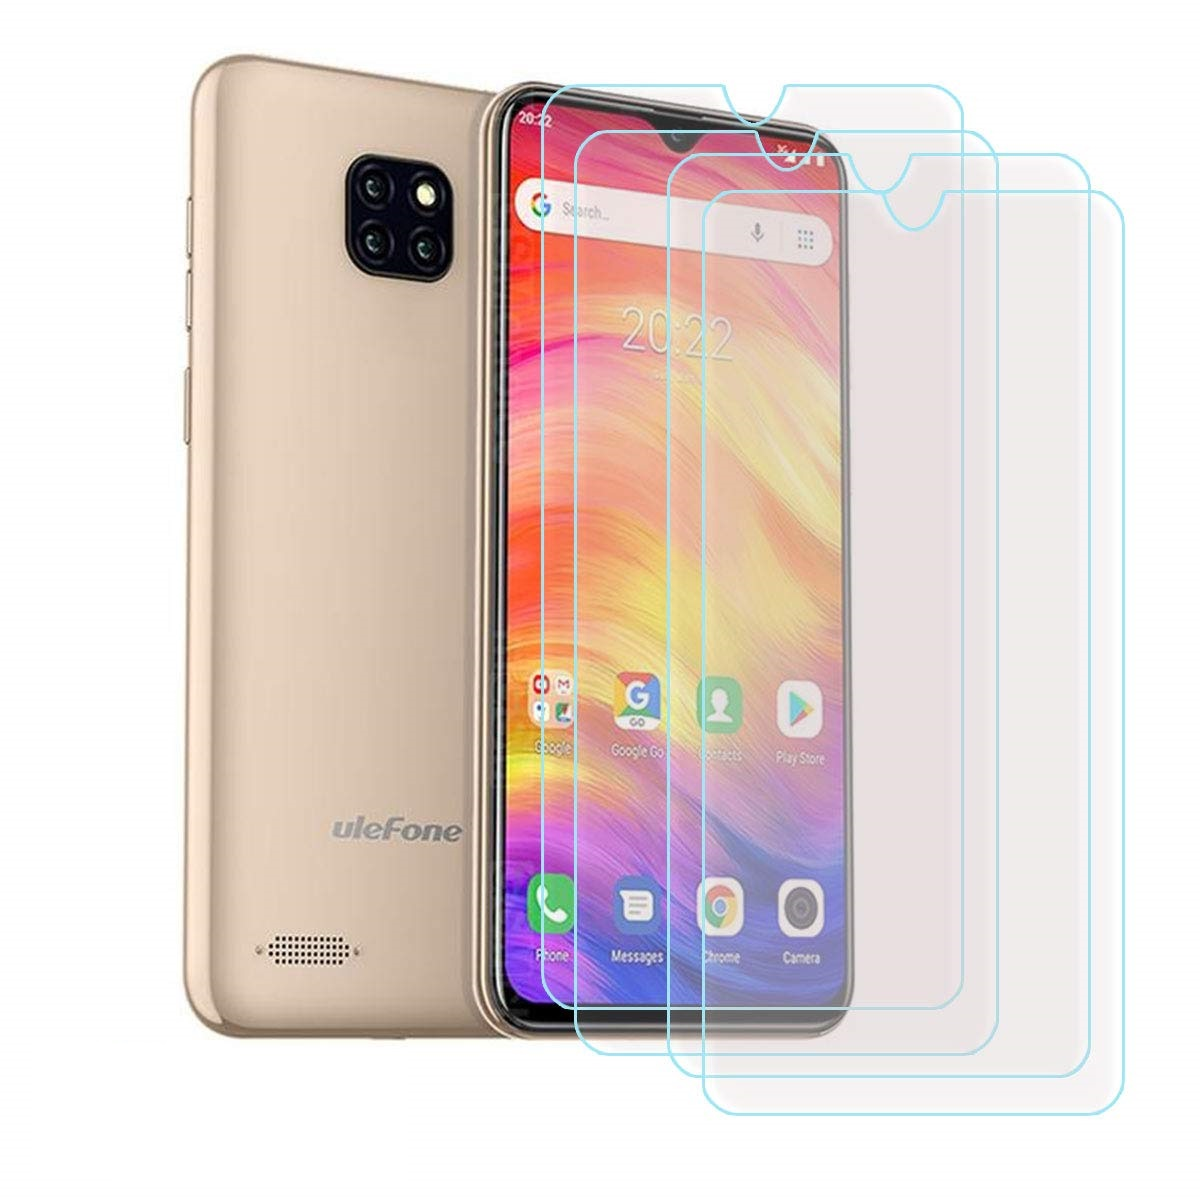 Купить 2 шт закаленное стекло Ulefone Примечание 7/S11 защитное стекло на экран телефона flim Экран защитный кожух для Ulefone Примечание 7 смартфон на Алиэкспресс